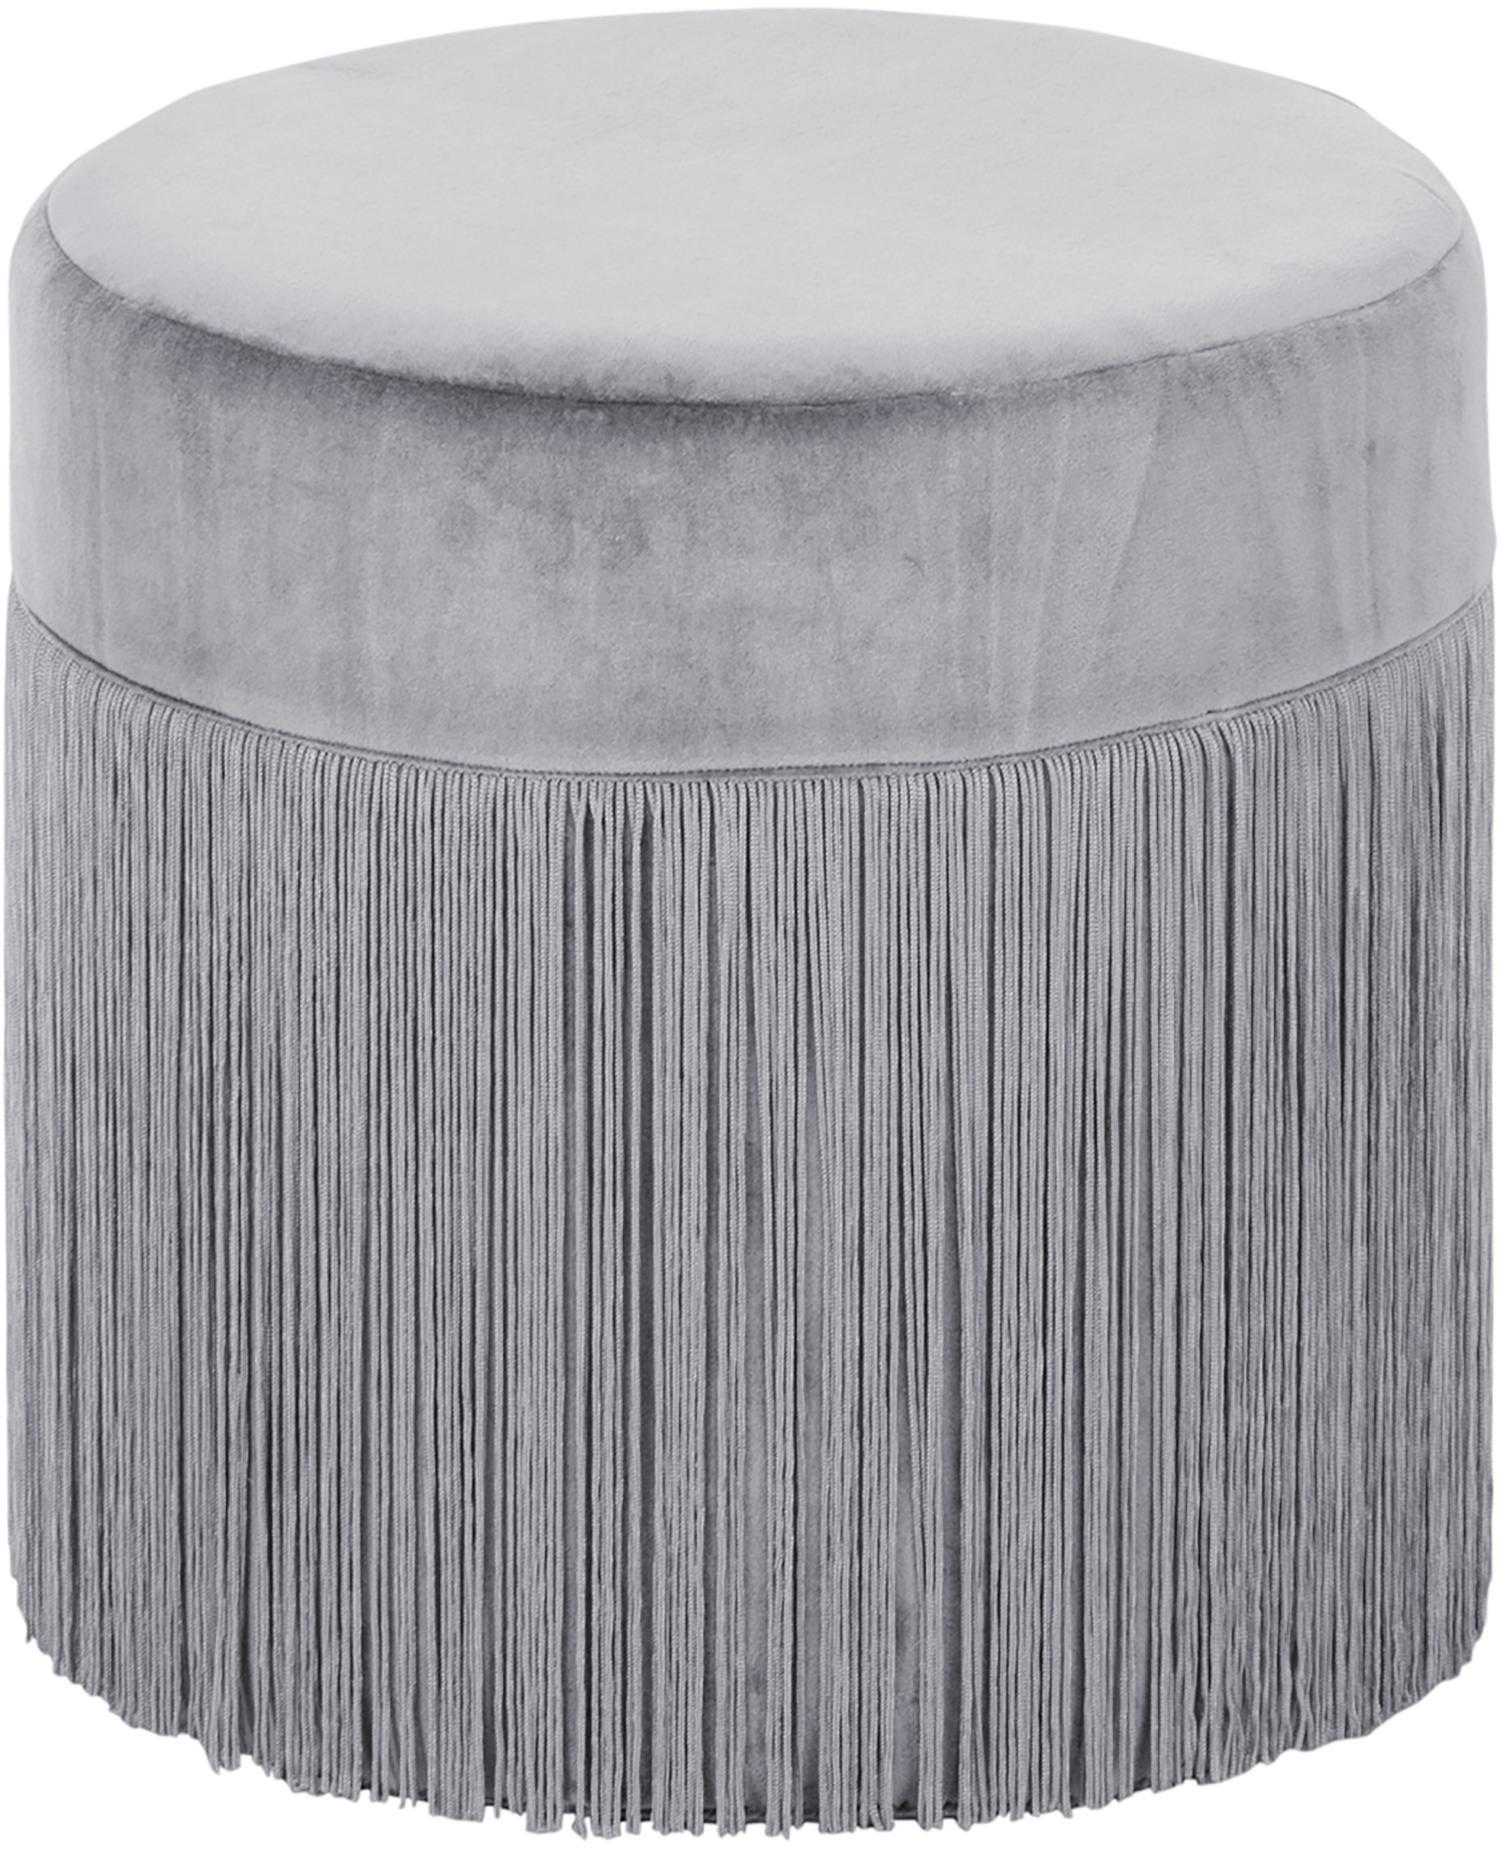 Fransen-Hocker Adriana, Bezug: Baumwollsamt, Fransen: Viskose, Unterseite: Baumwolle, Hellgrau, Ø 40 x H 40 cm